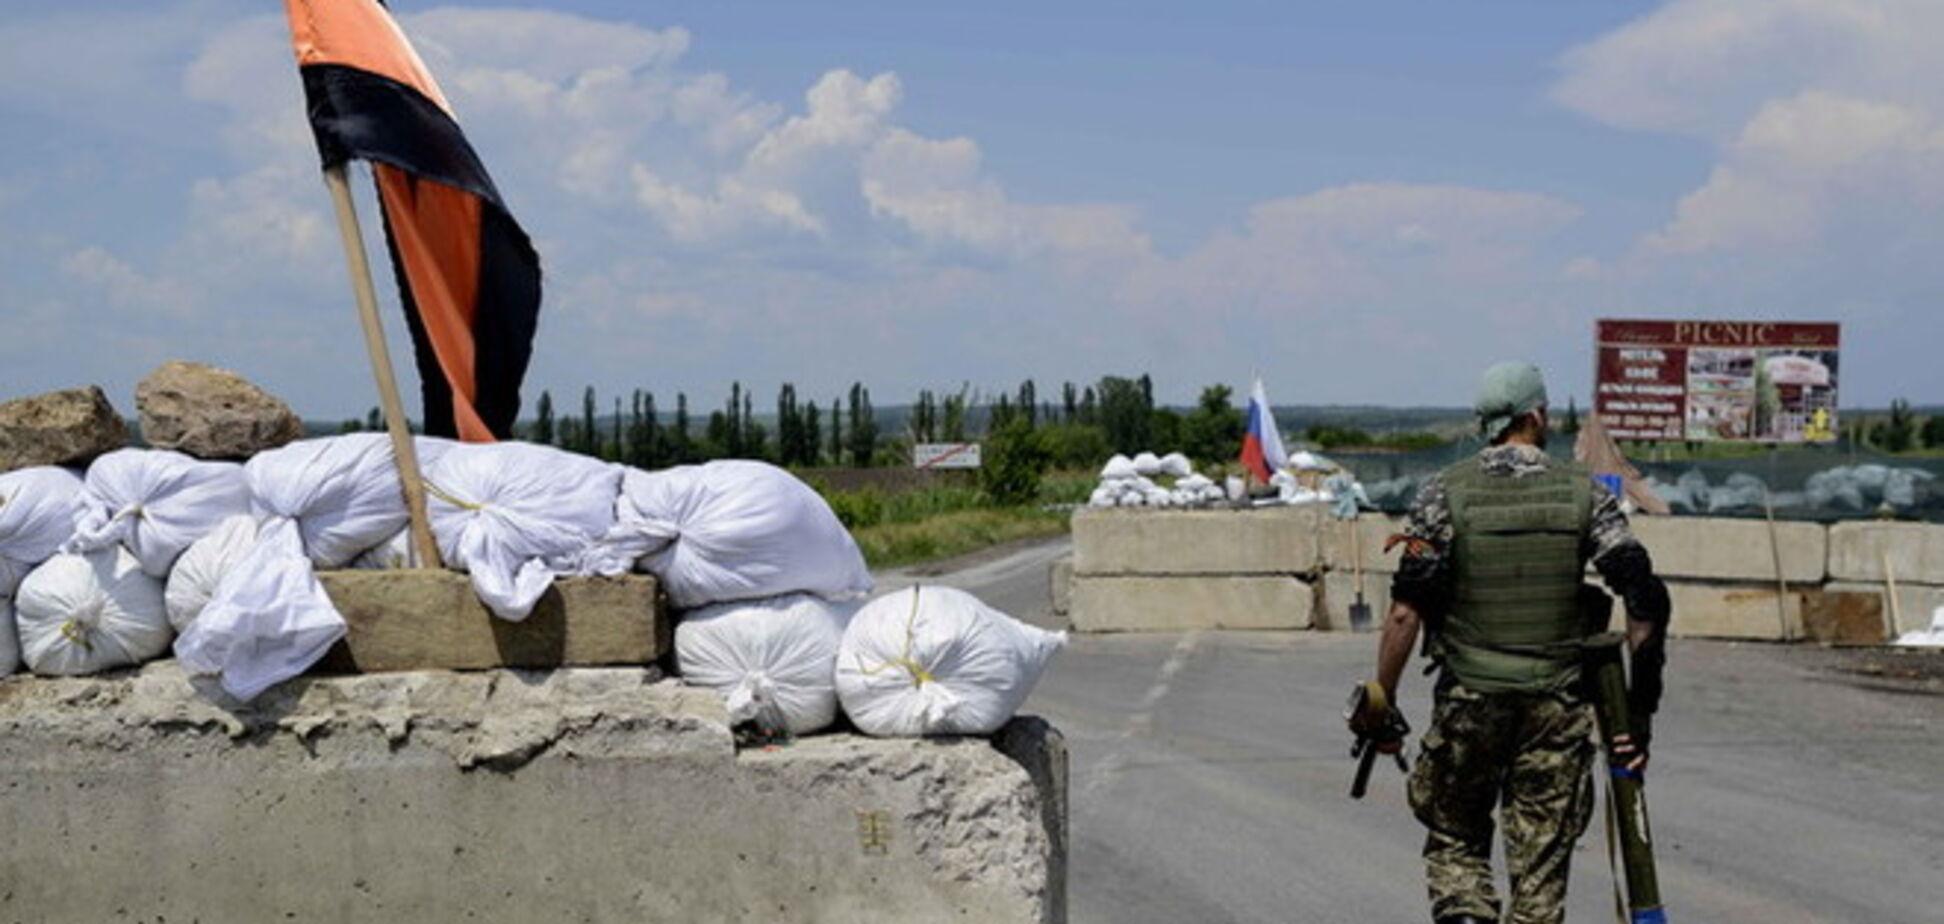 Луганский водитель дал советы, как без проблем преодолеть блокпосты террористов